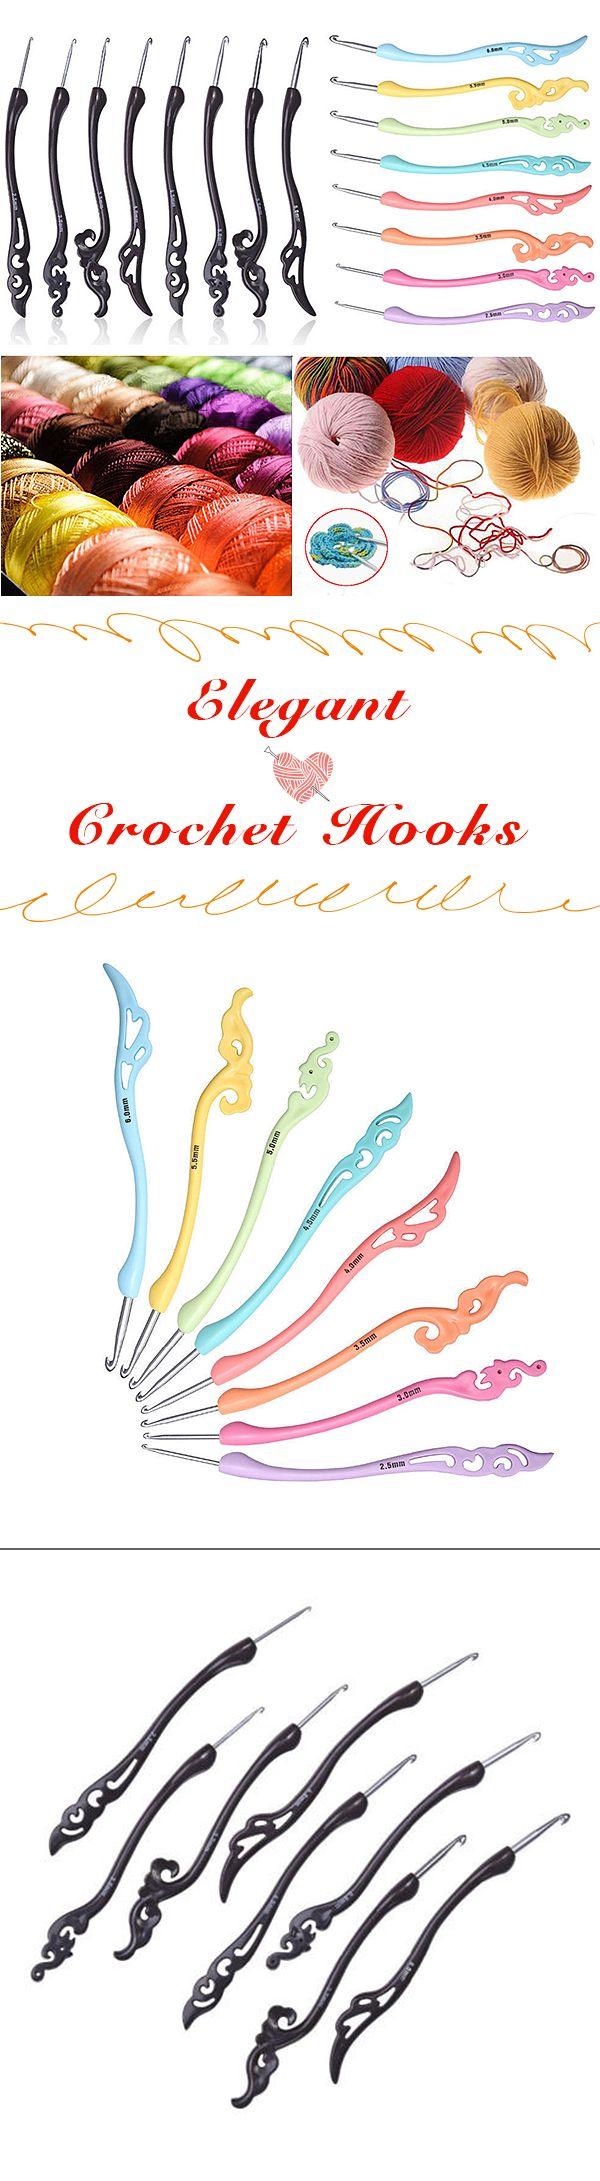 Elegant crochet hooks of multiple sizes